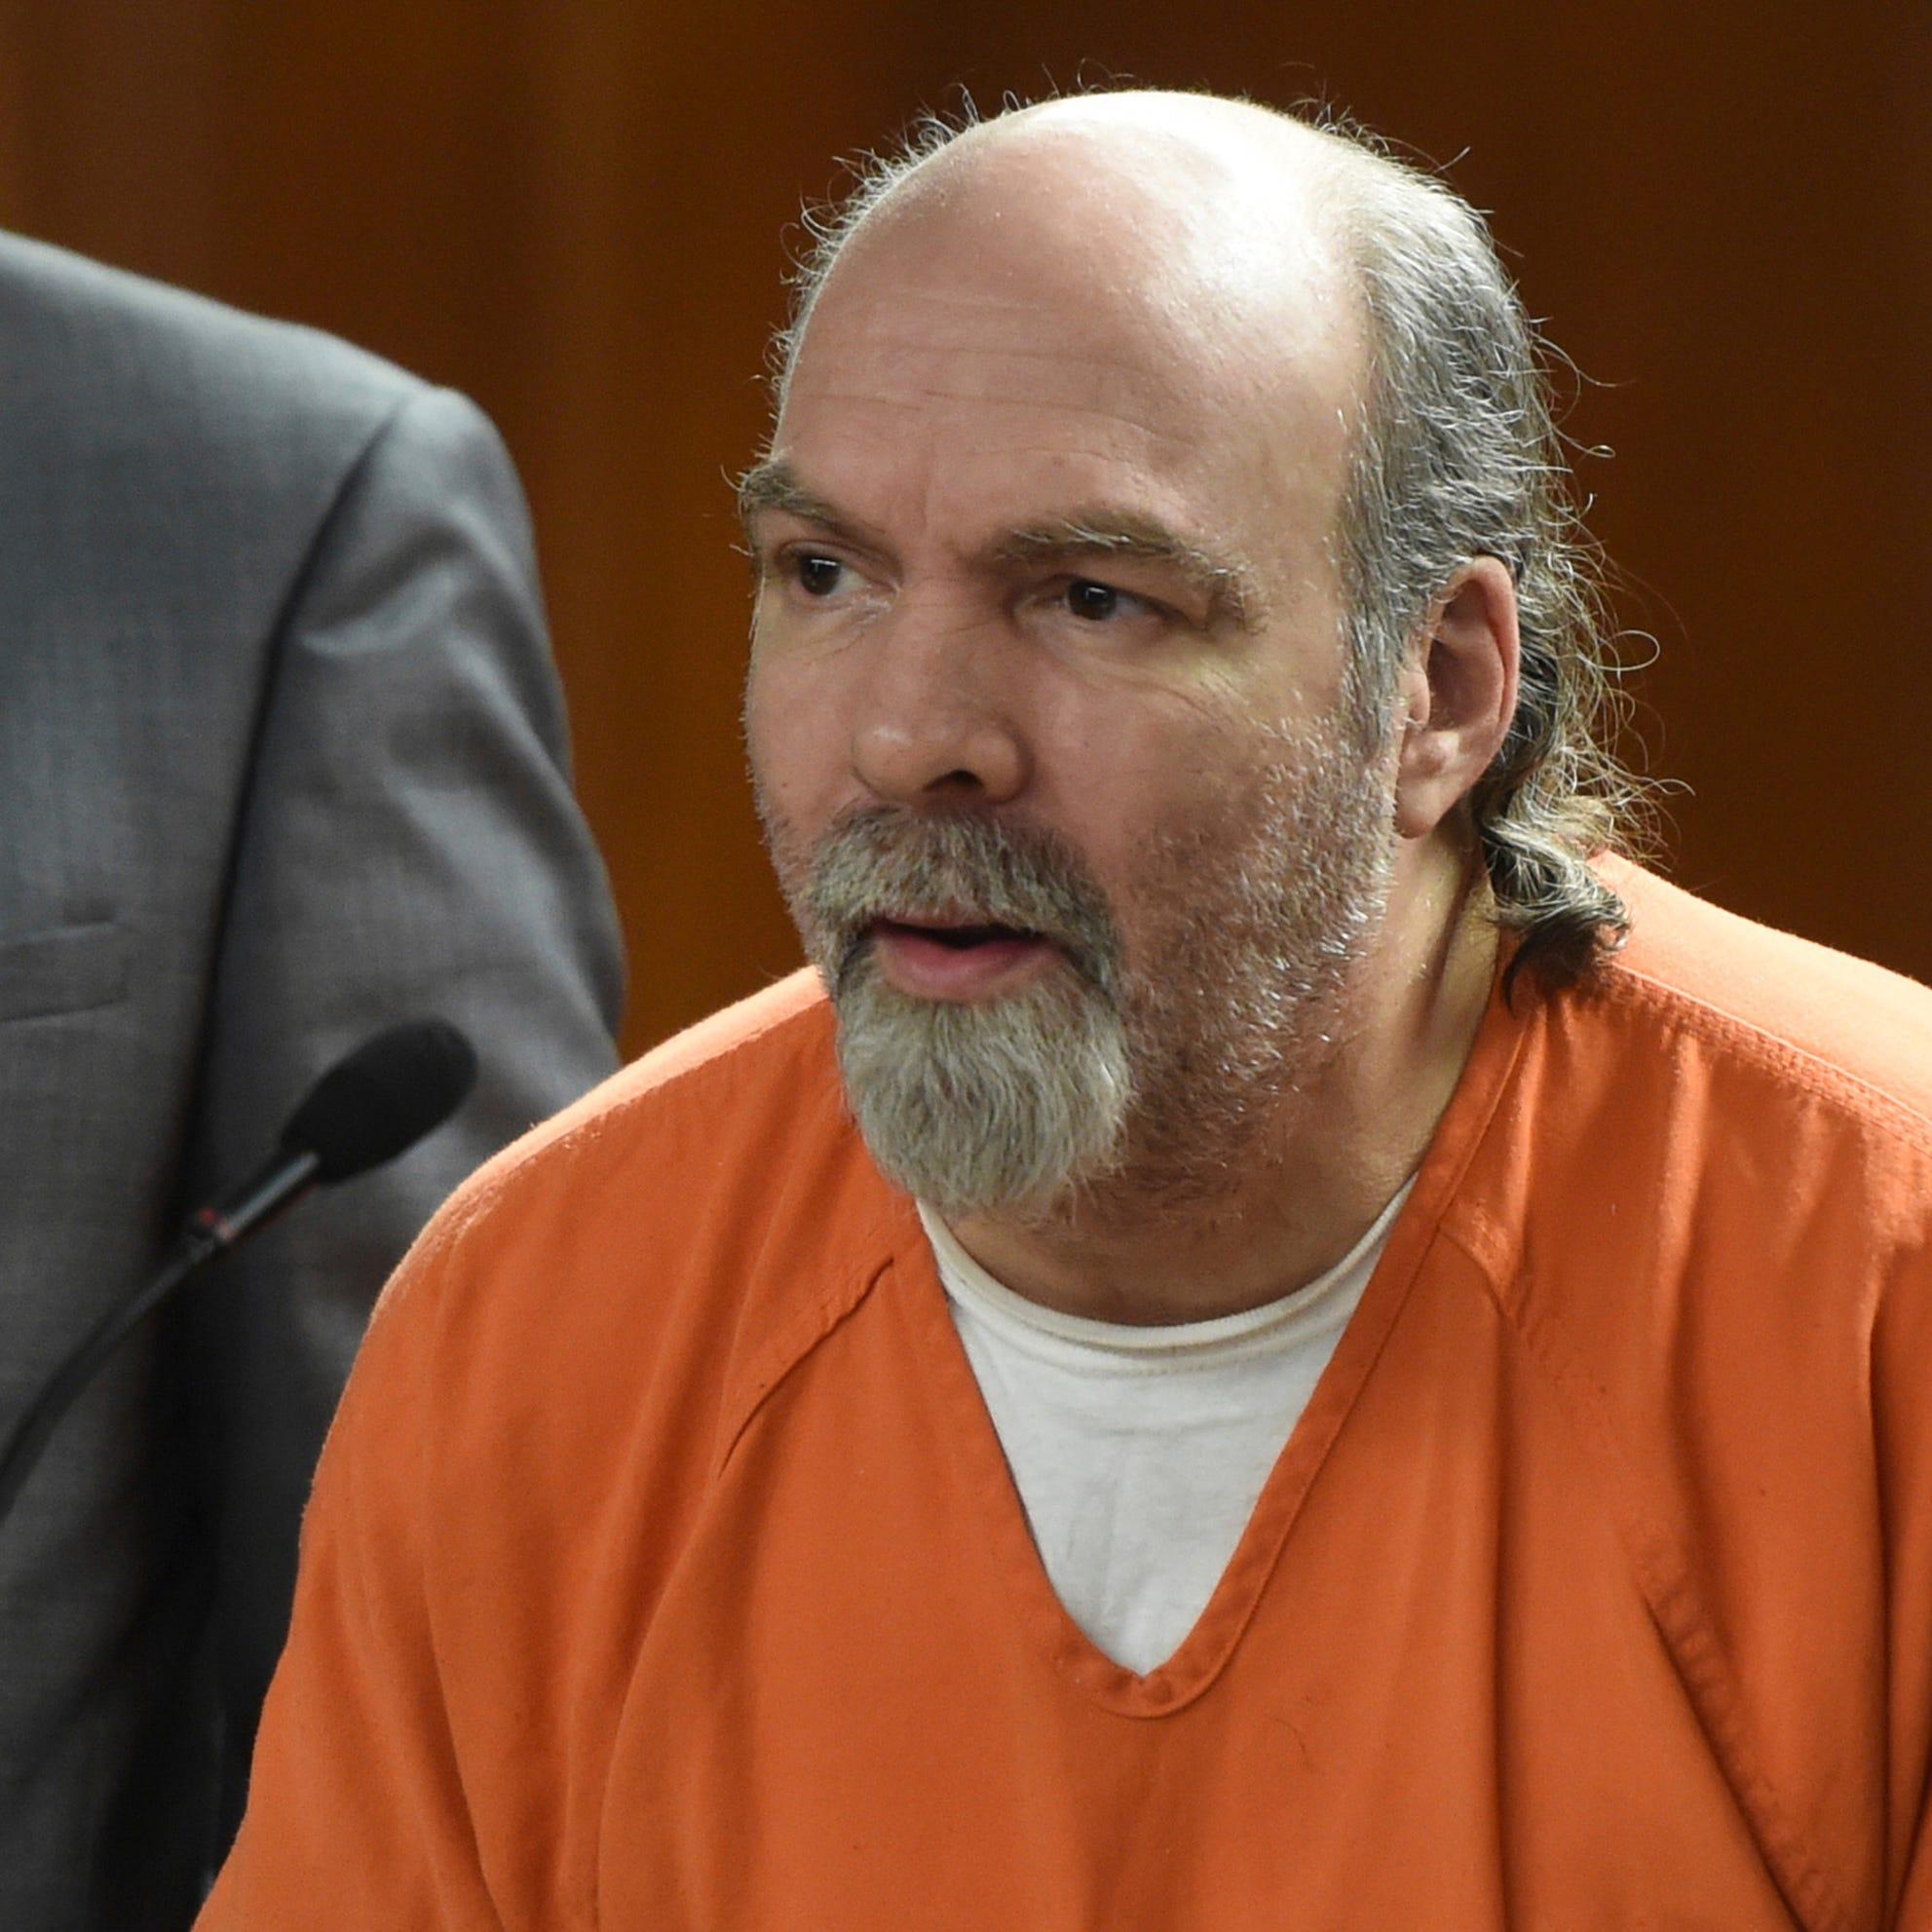 Jackson County man sentenced for fatally shooting 2 young men